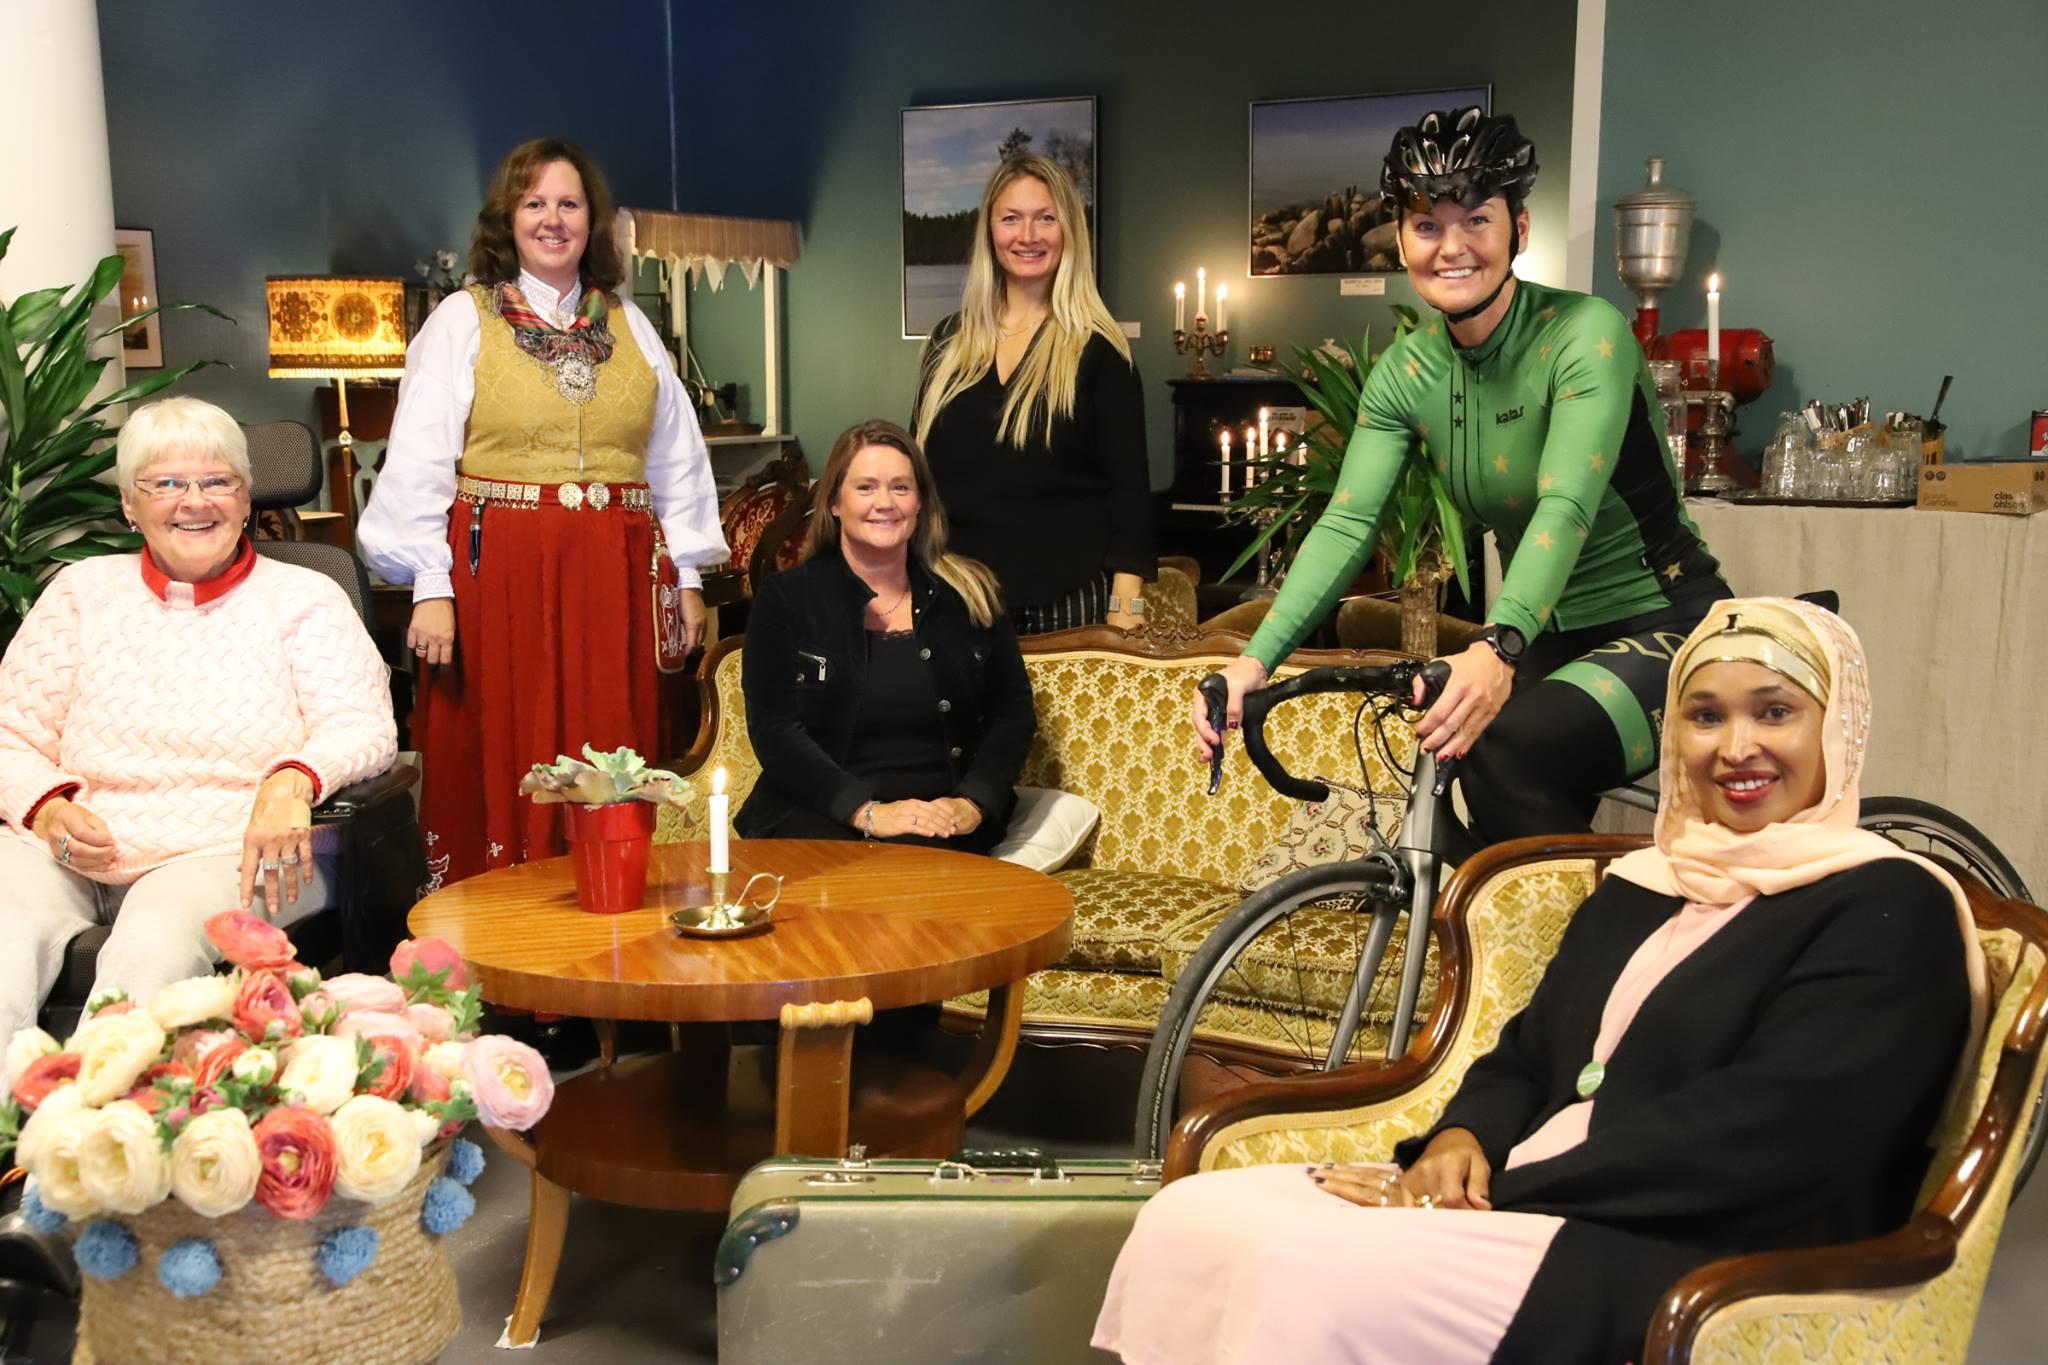 Bilde av 6 kvinner